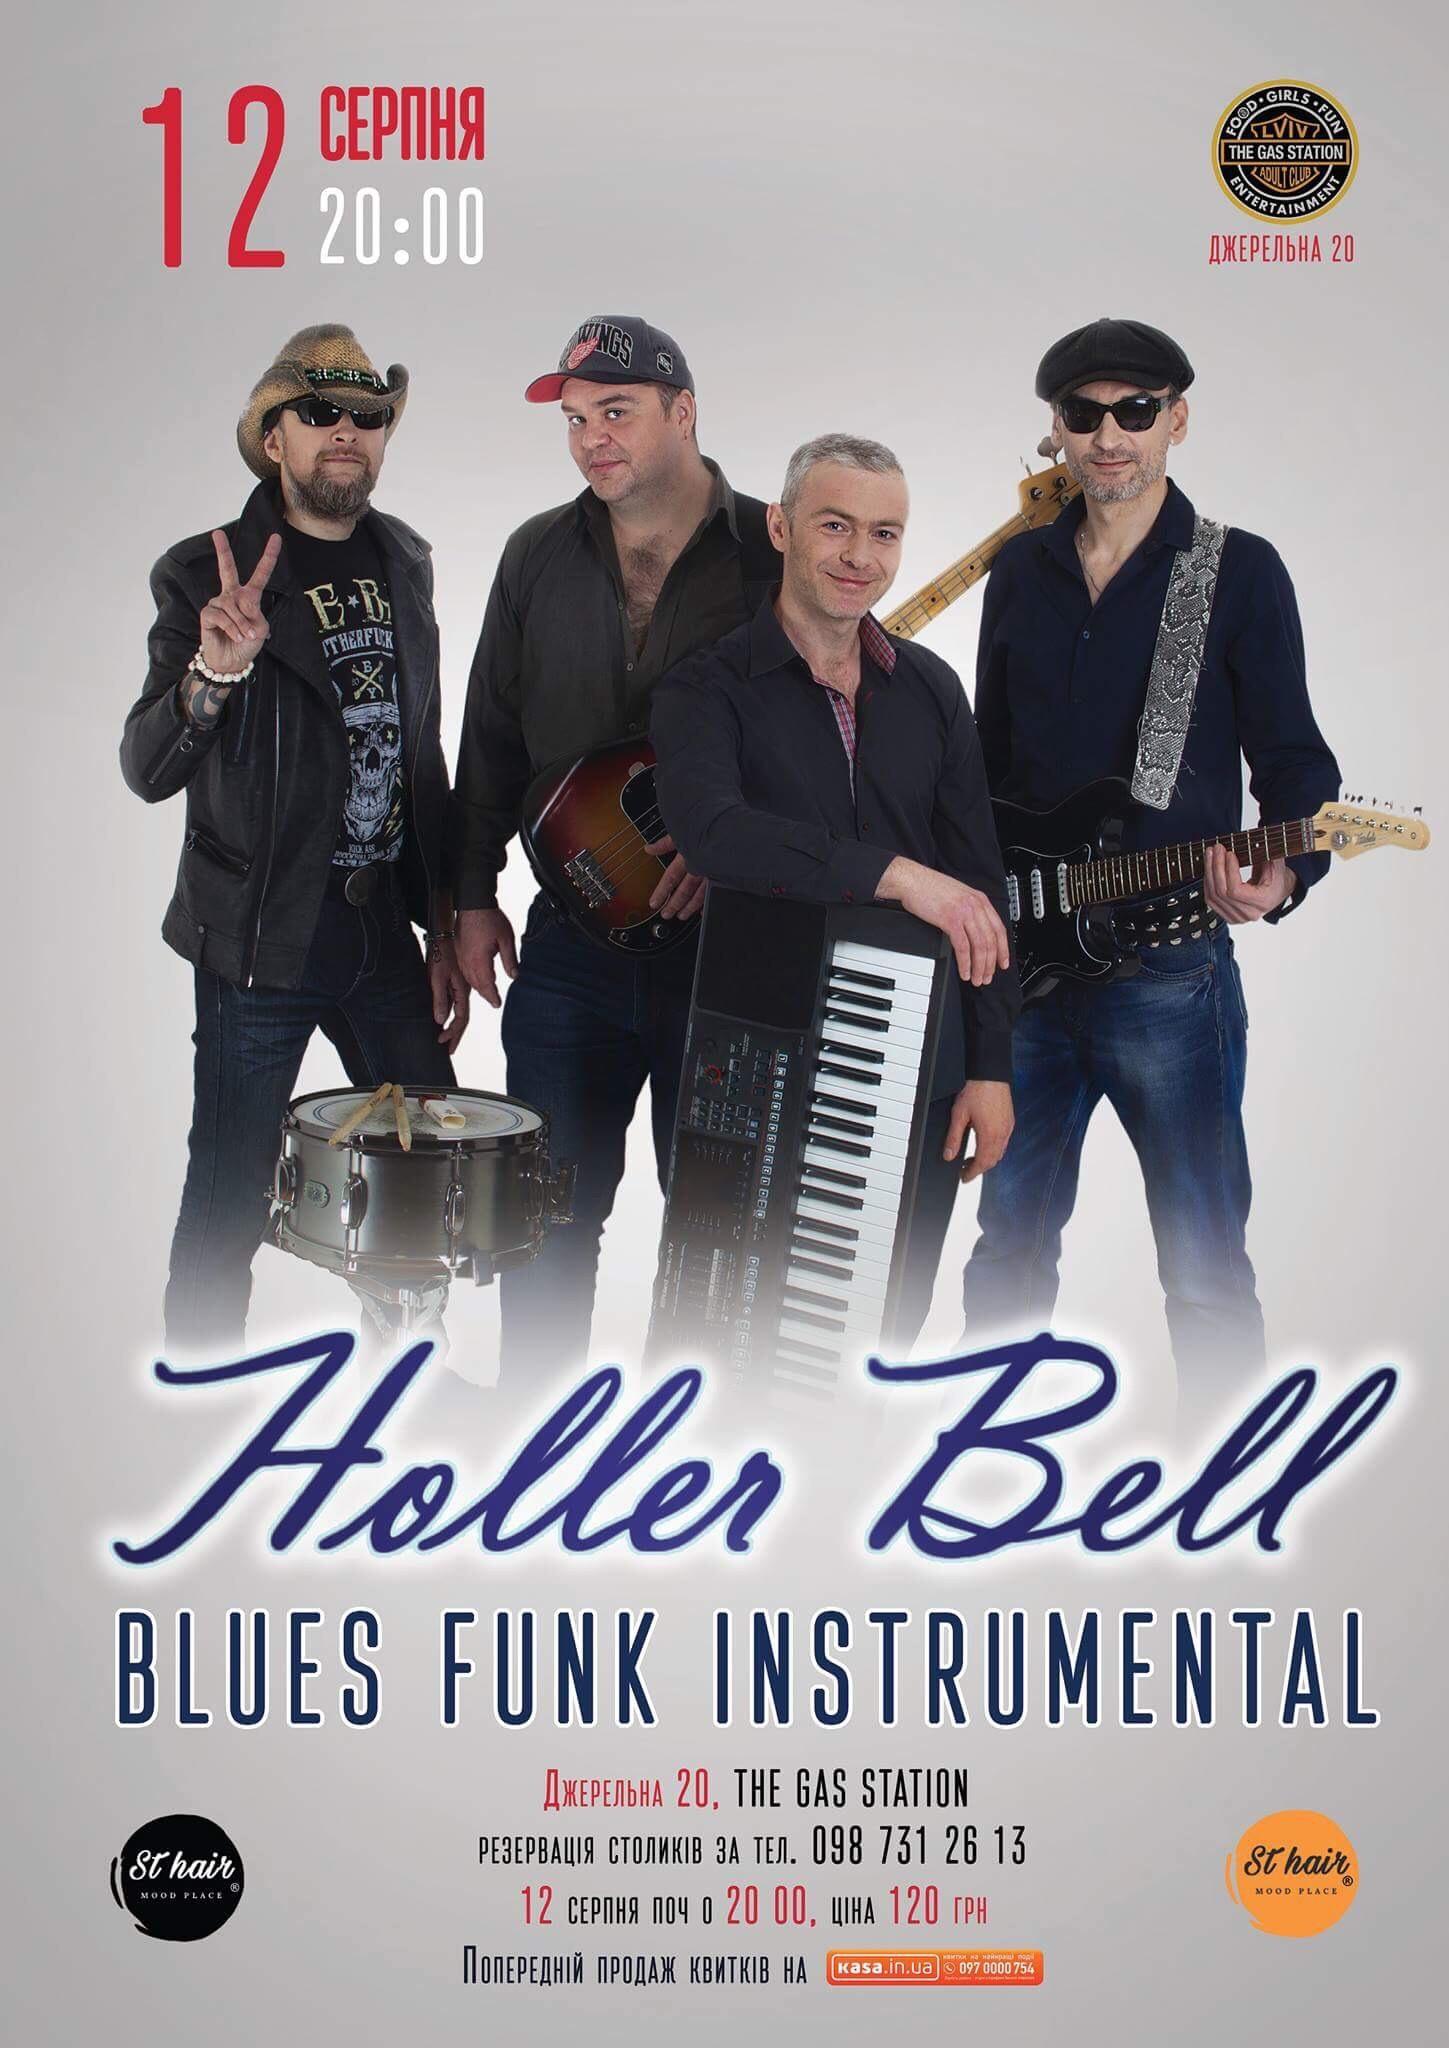 Holler Bell